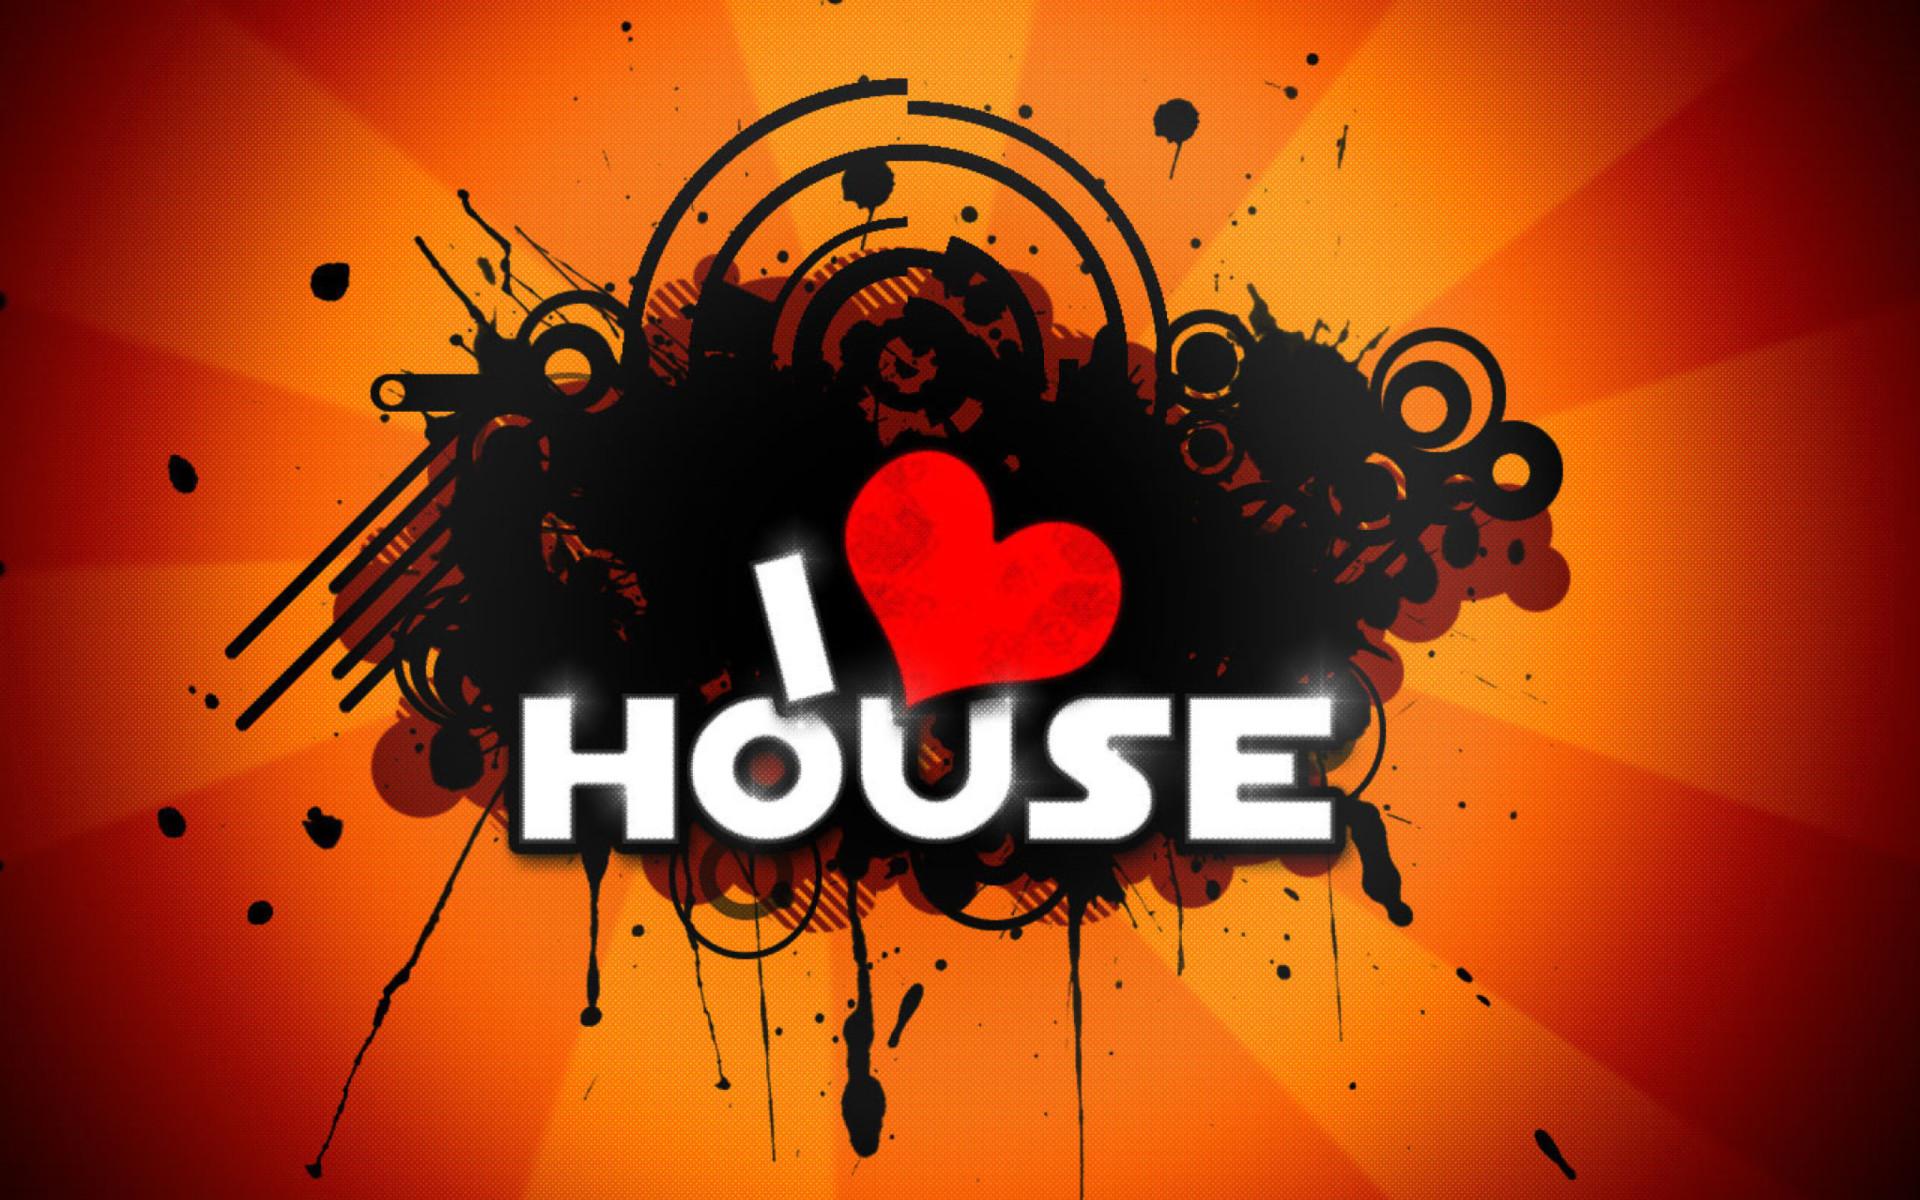 I Love House Music Wallpaper ·①